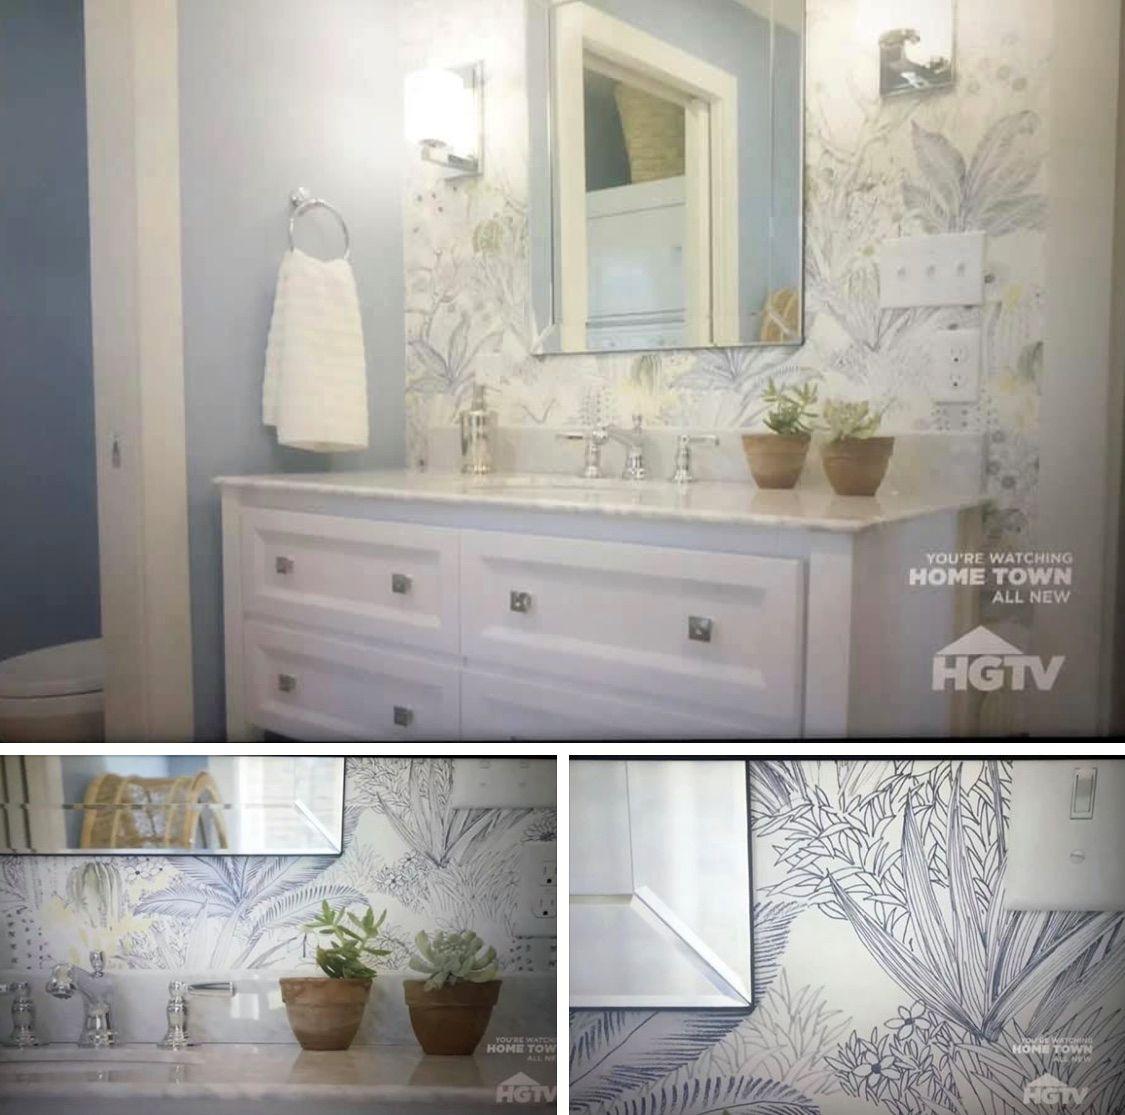 Flowering Desert Wallpaper By York Lelands Wallpaper Home Town Hgtv Bathroom Addition Home Decor Tips